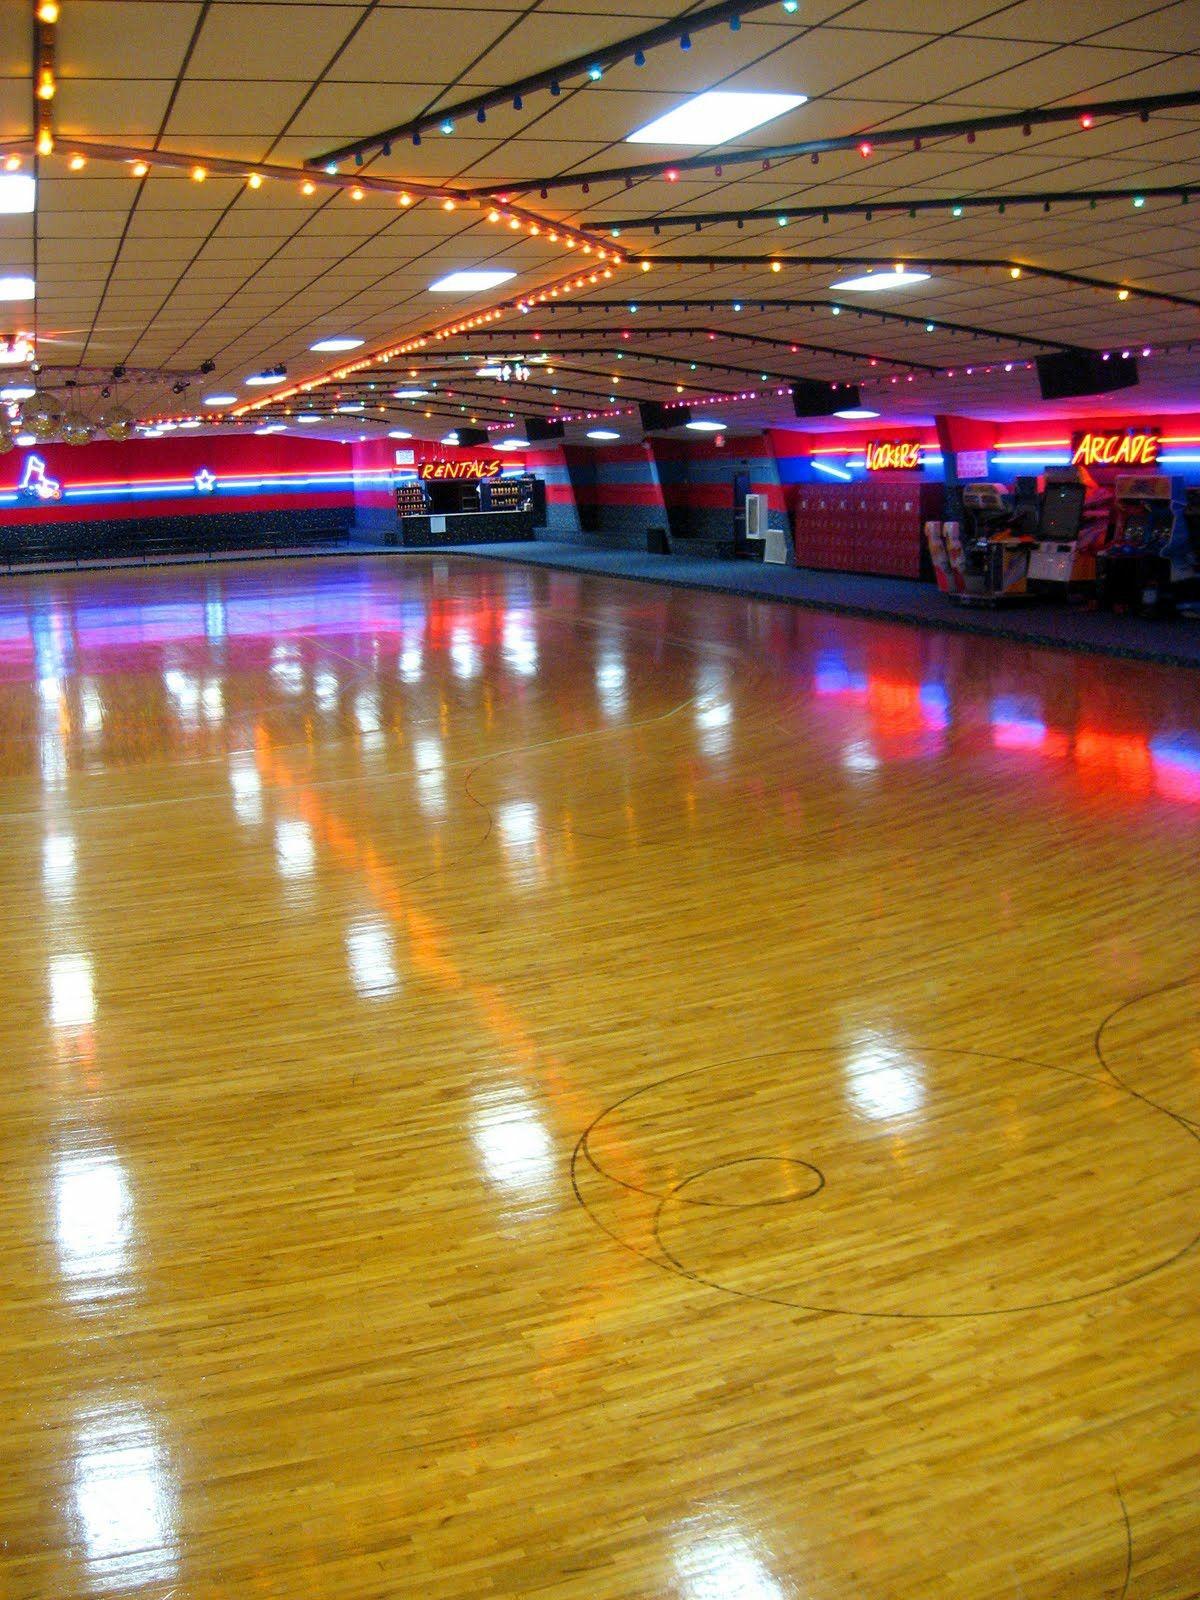 Roller skating rink   Roller skating rink. Roller skating. Skating rink